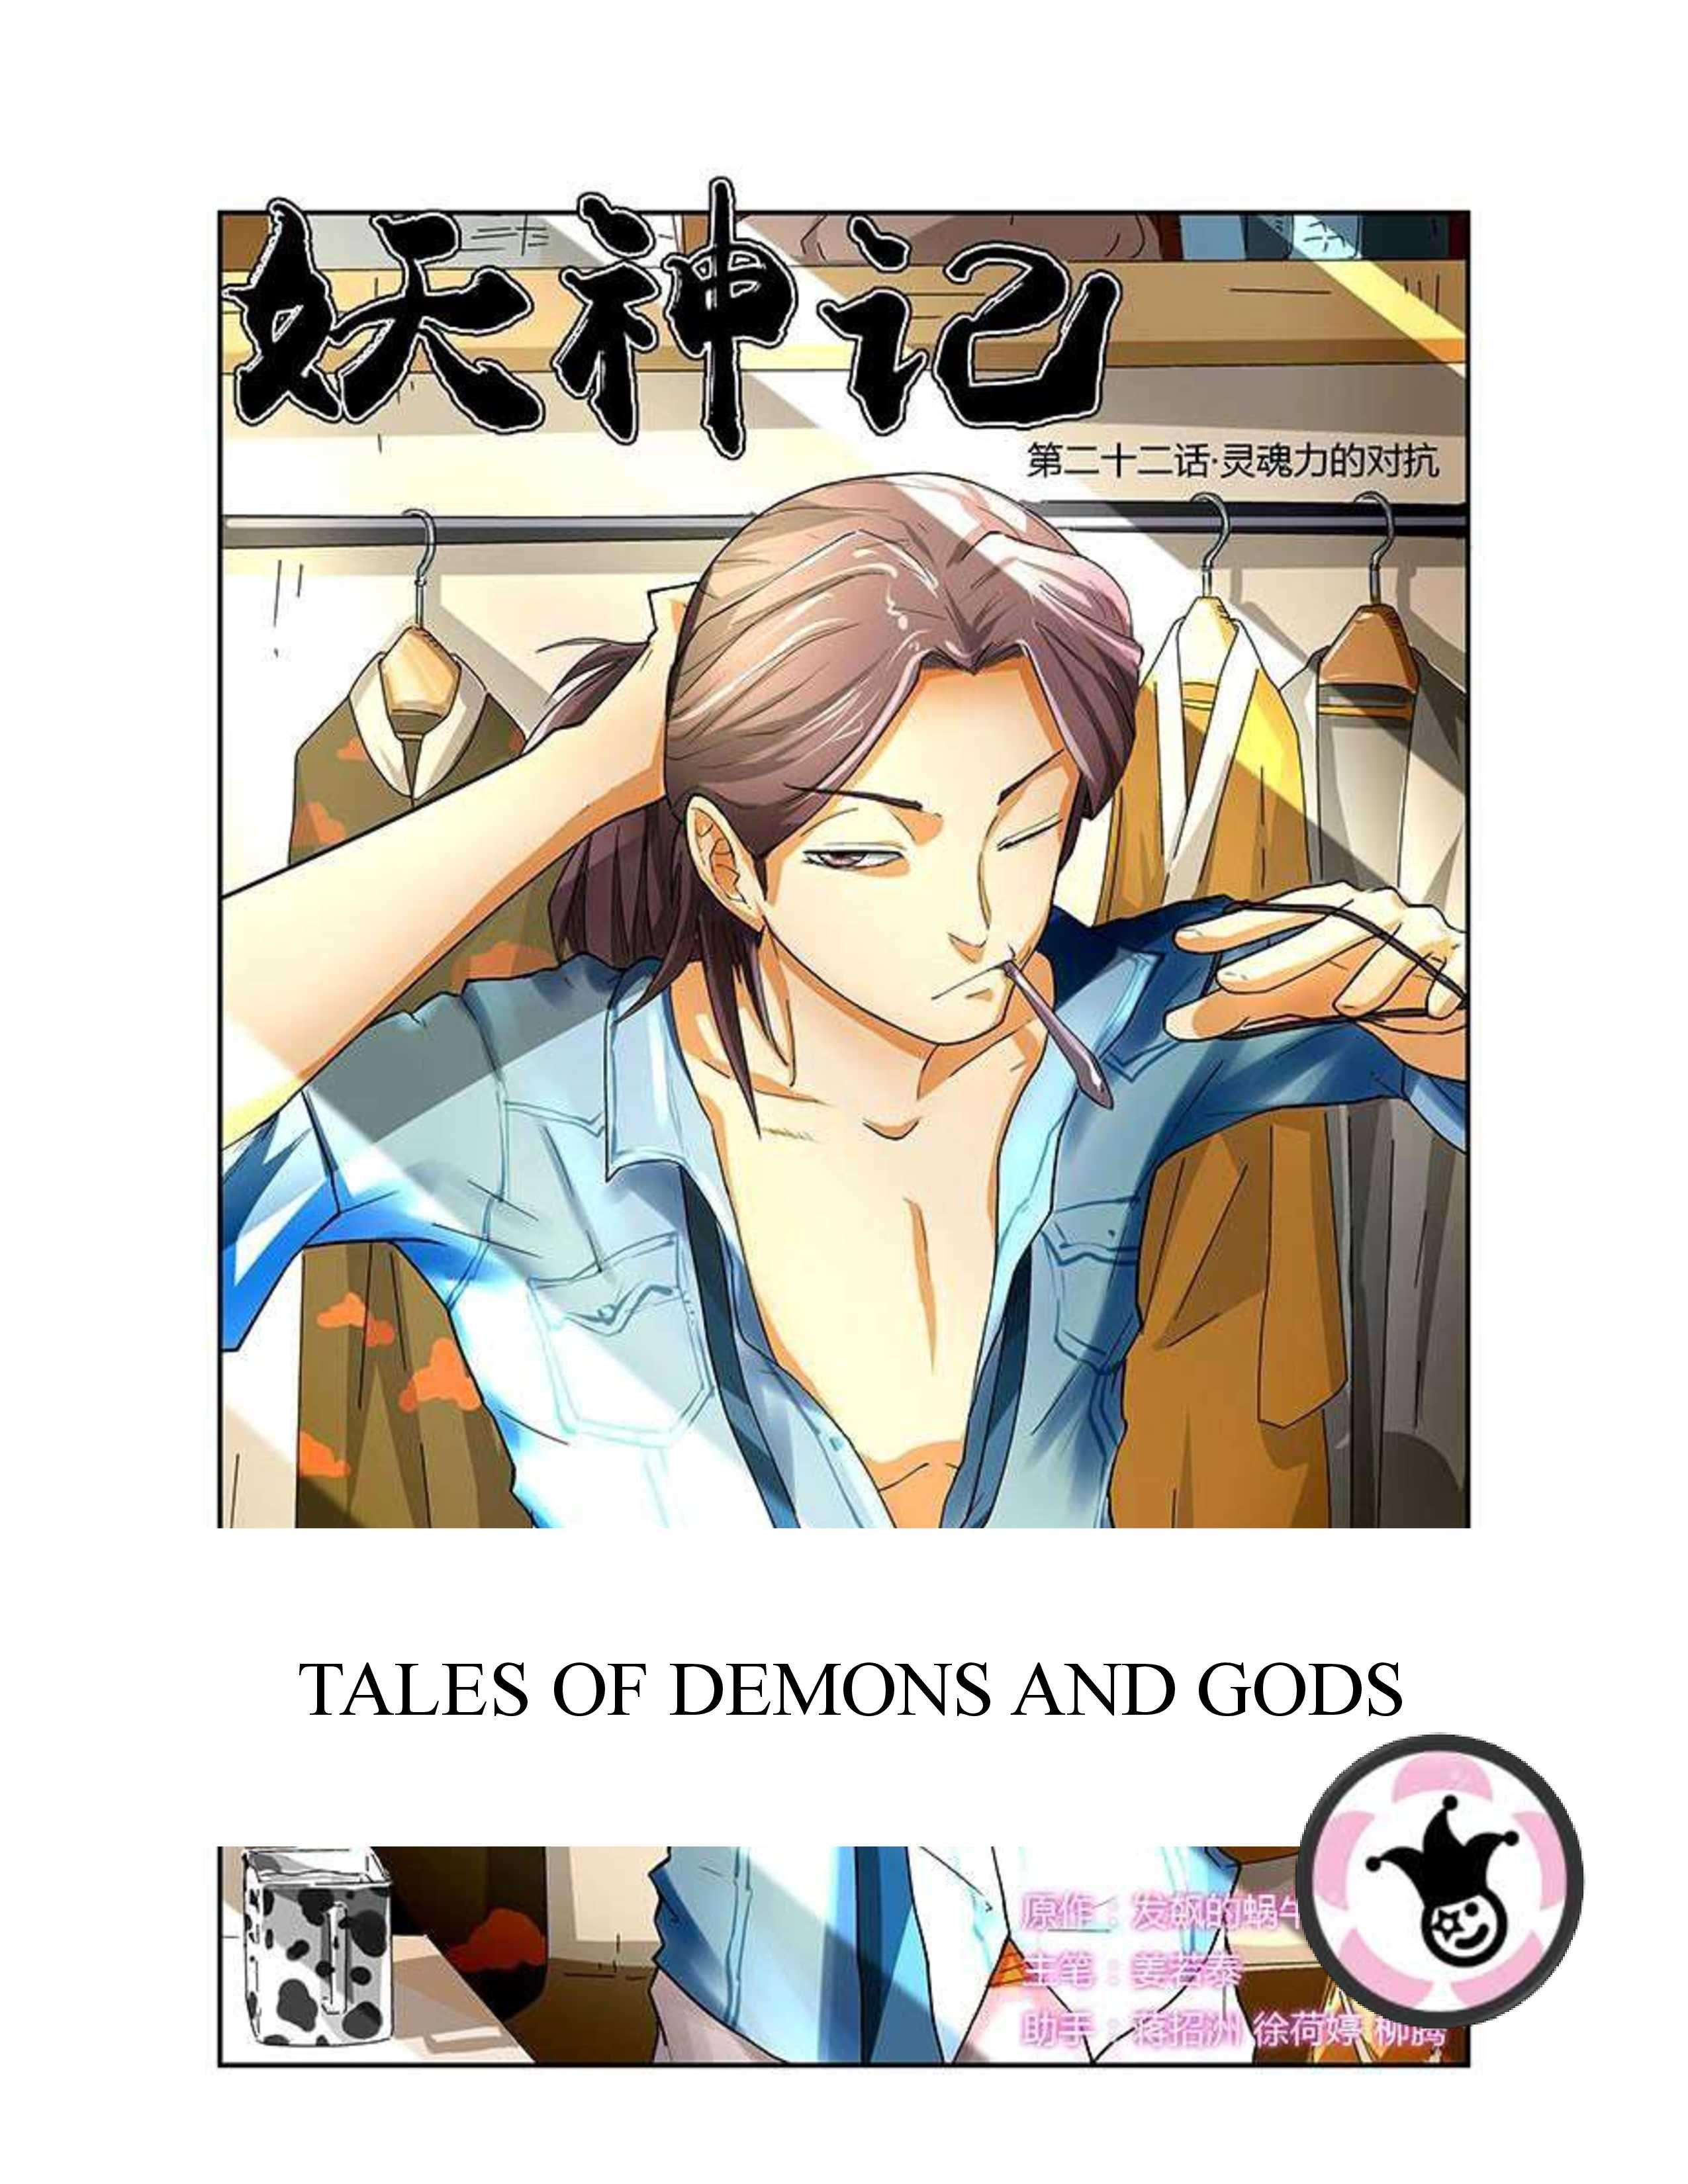 https://c5.ninemanga.com/es_manga/44/20012/482536/5b5bbd3170c560829391c3db7265ee9b.jpg Page 1